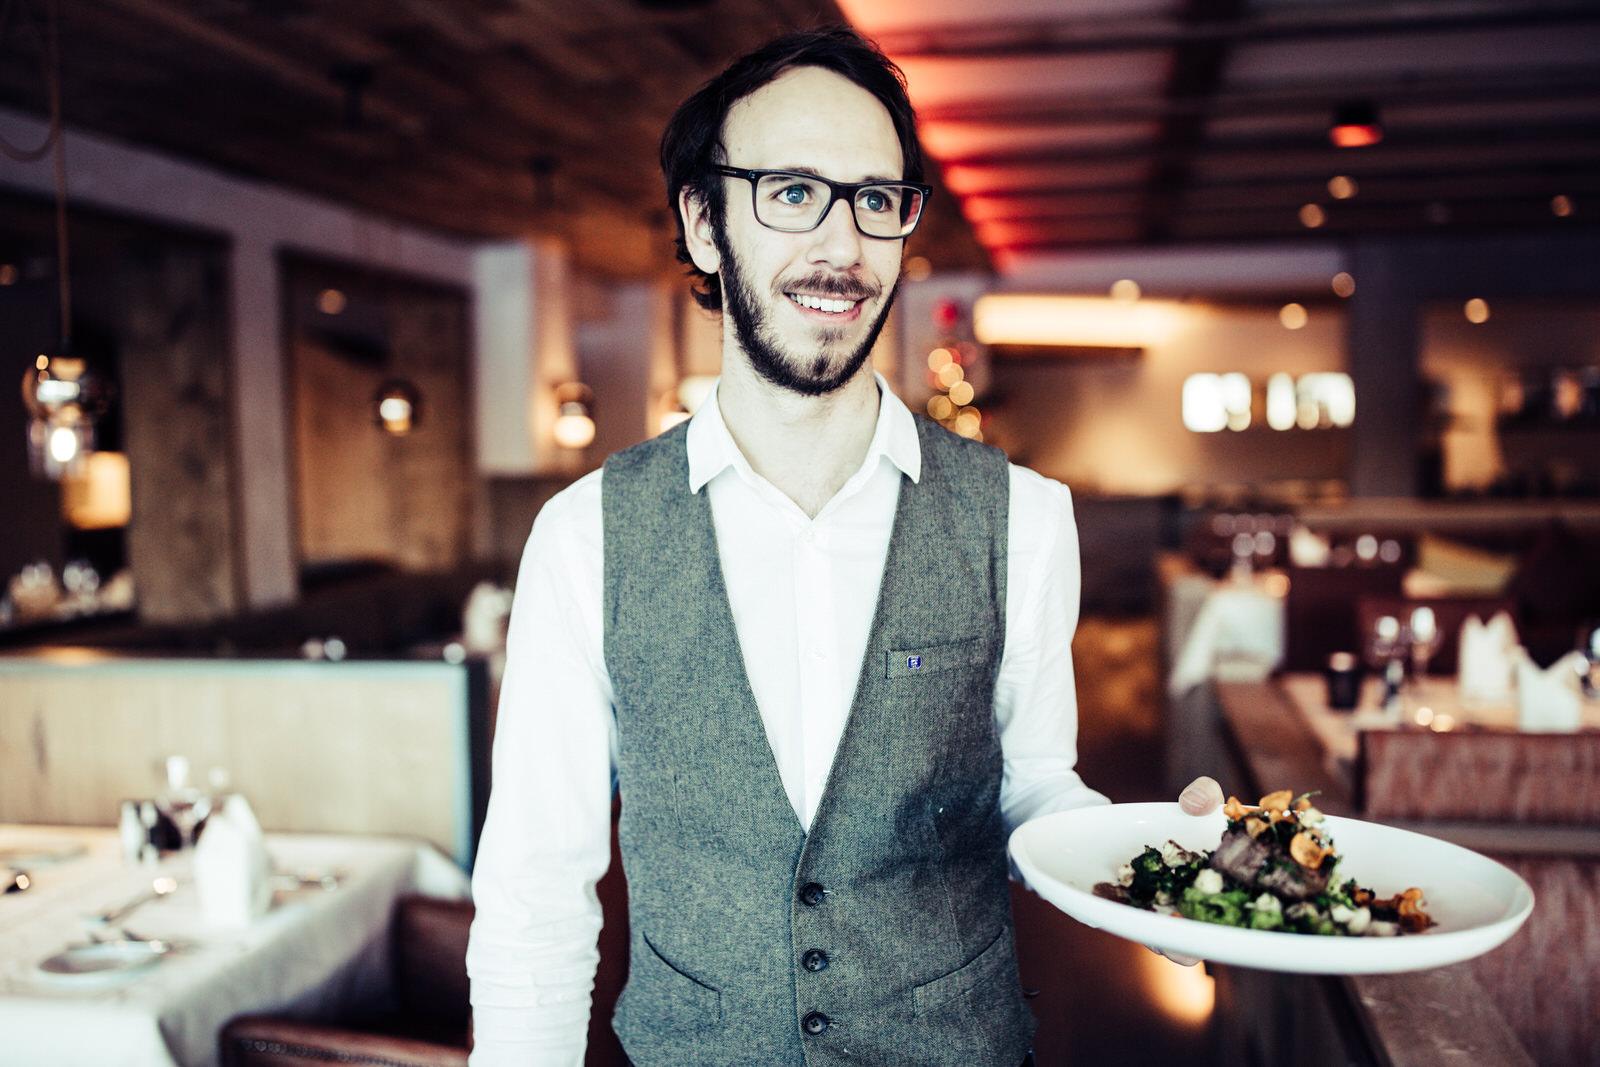 Tiroler Gastlichkeit und hausgemachte Gaumenfreuden im Bio Hotel Bergzeit.